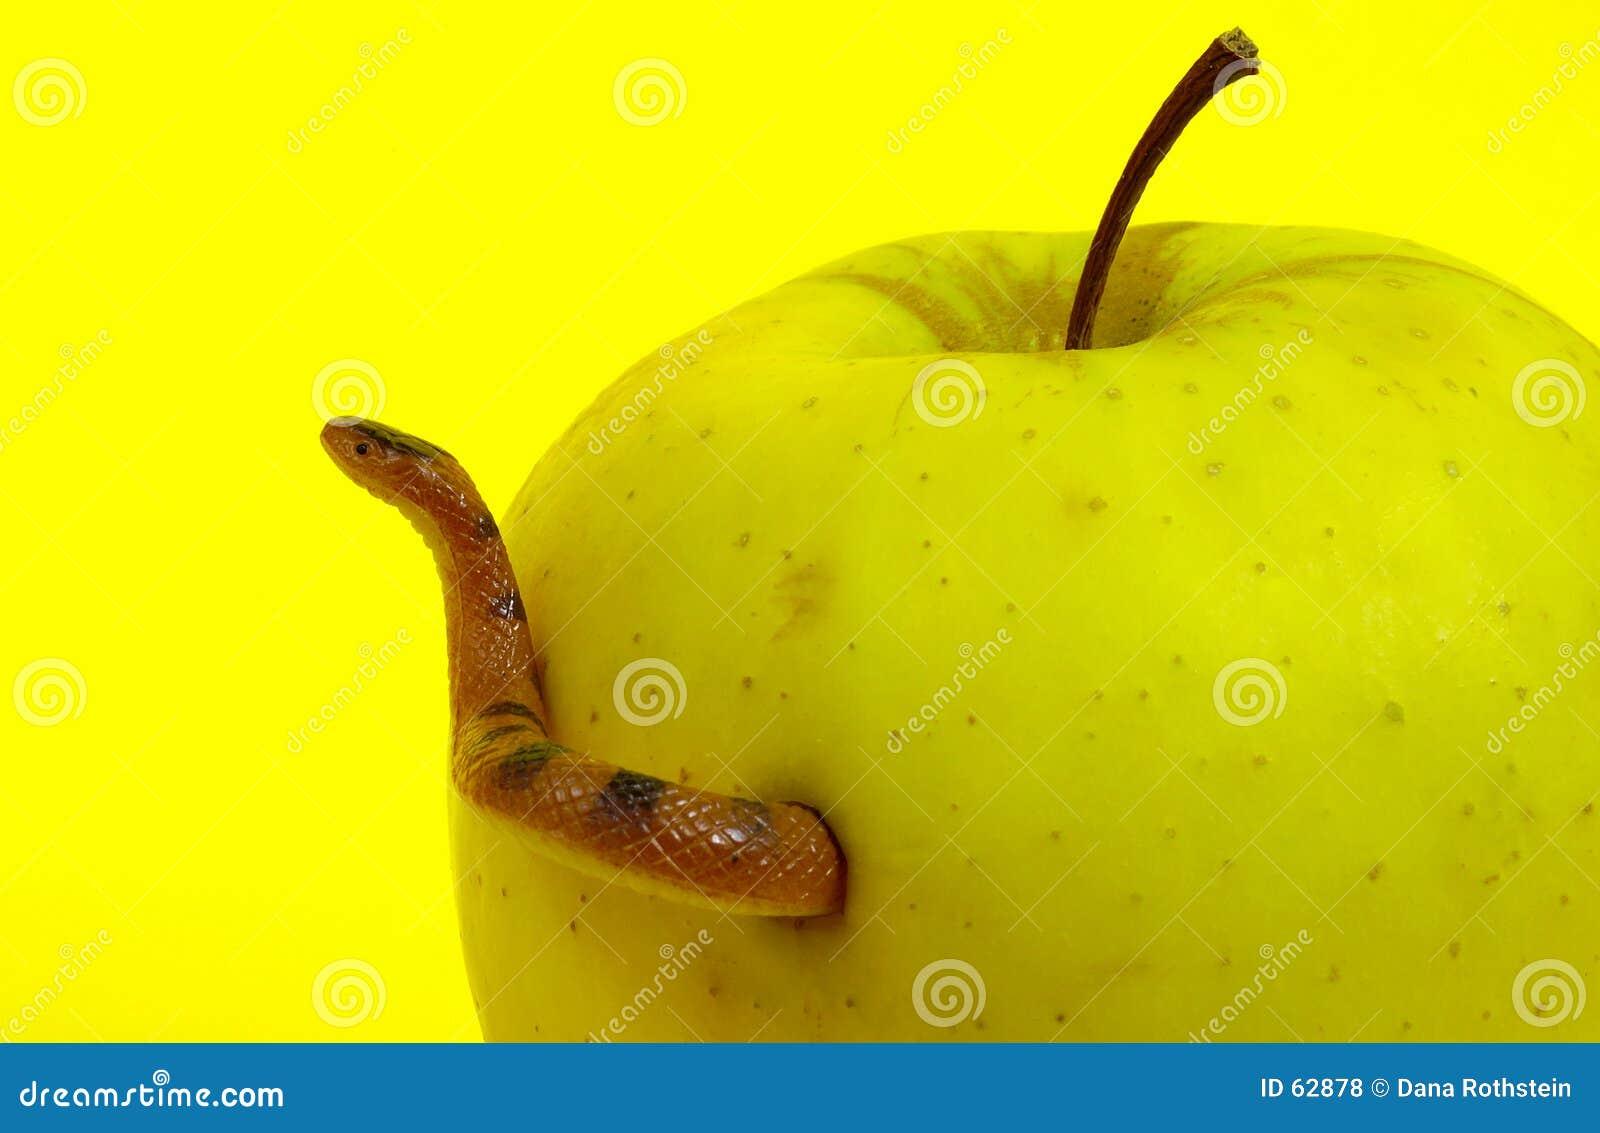 απαγορευμένο φίδι καρπού